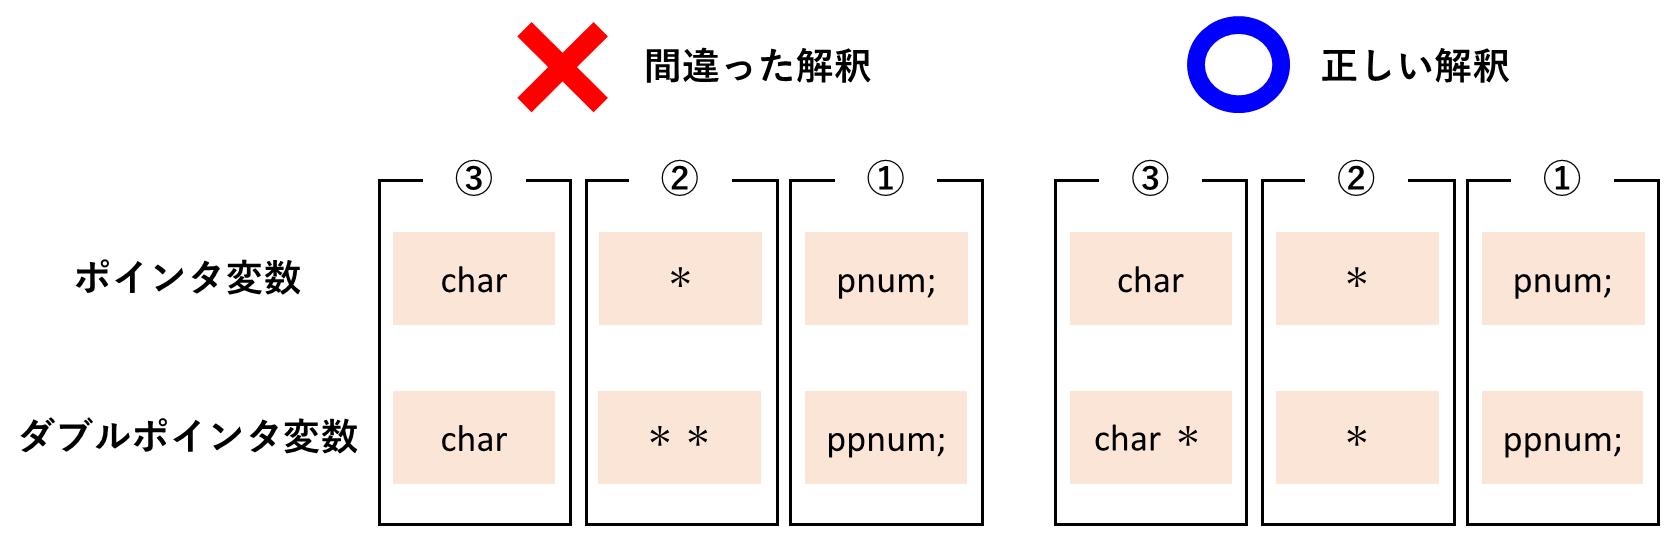 ダブルポインタ変数の正しい解釈